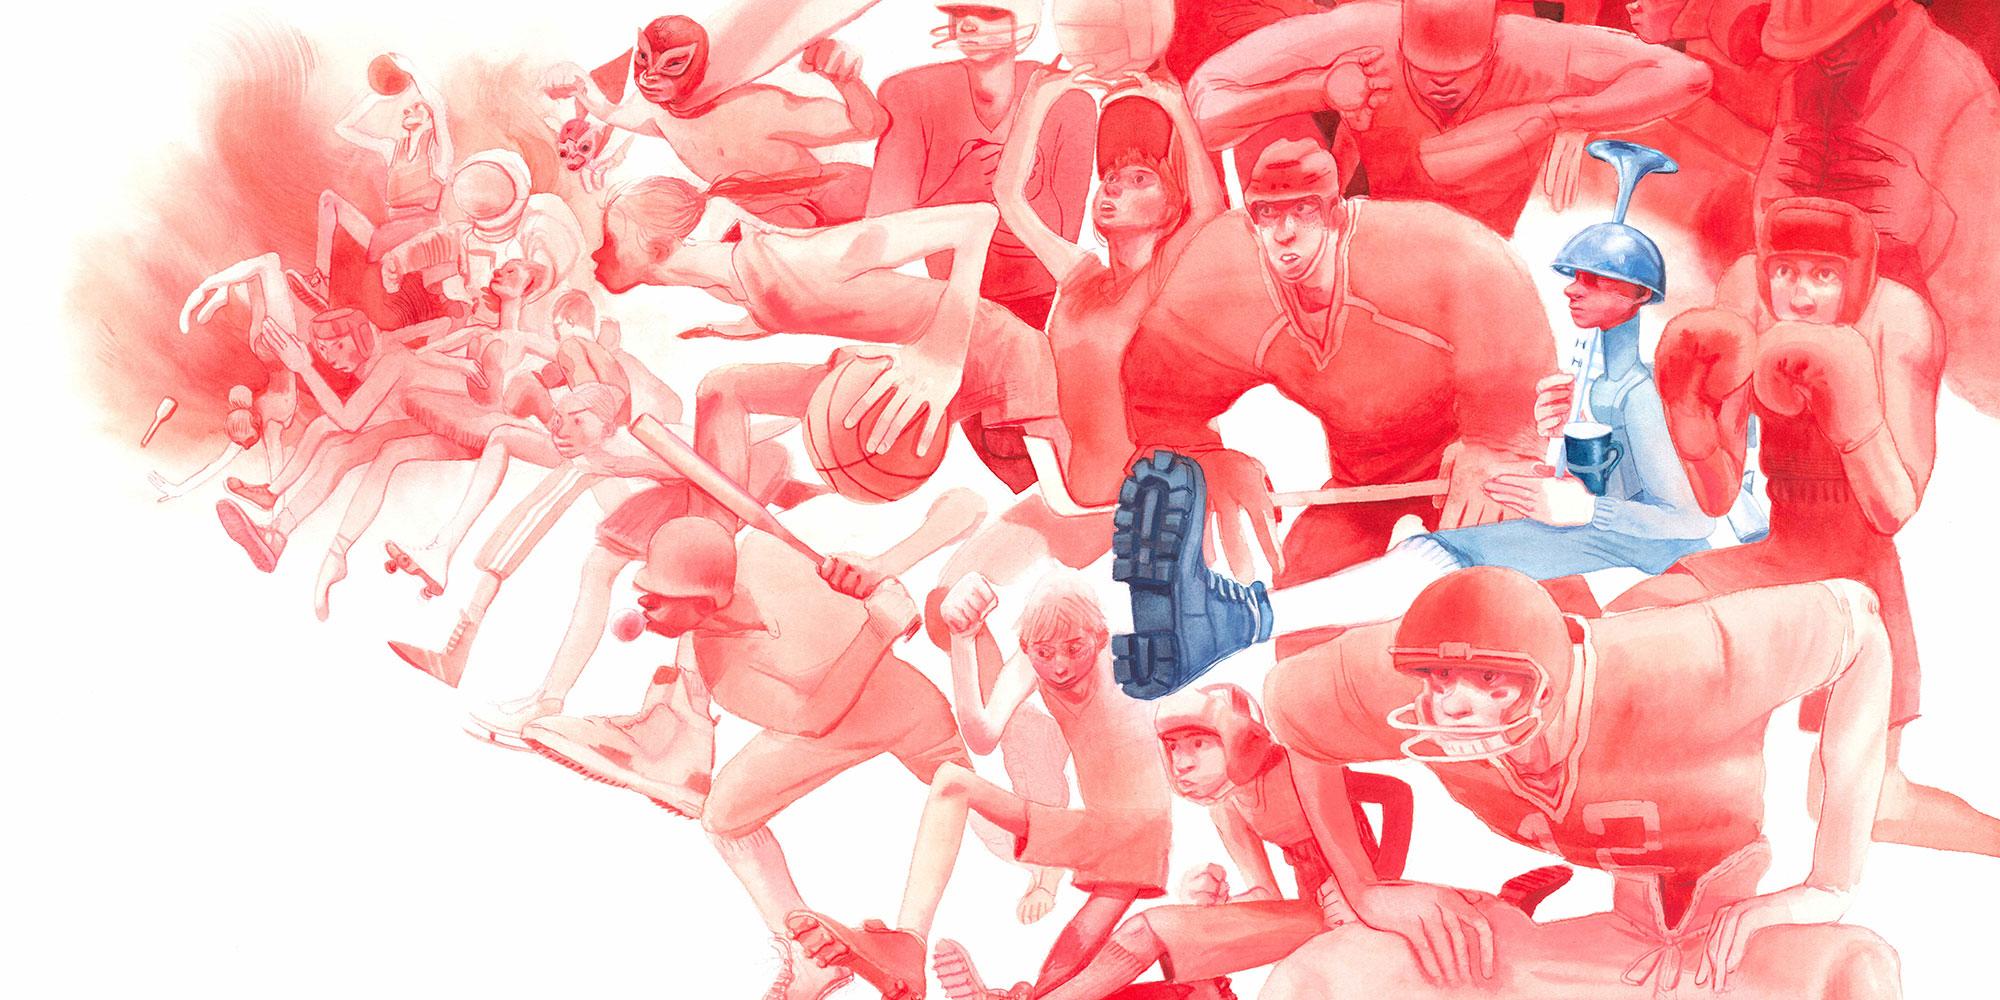 Opera di Cristina Bellemo, Il soldatino, ZOOlibri, Reggio Emilia, 2020